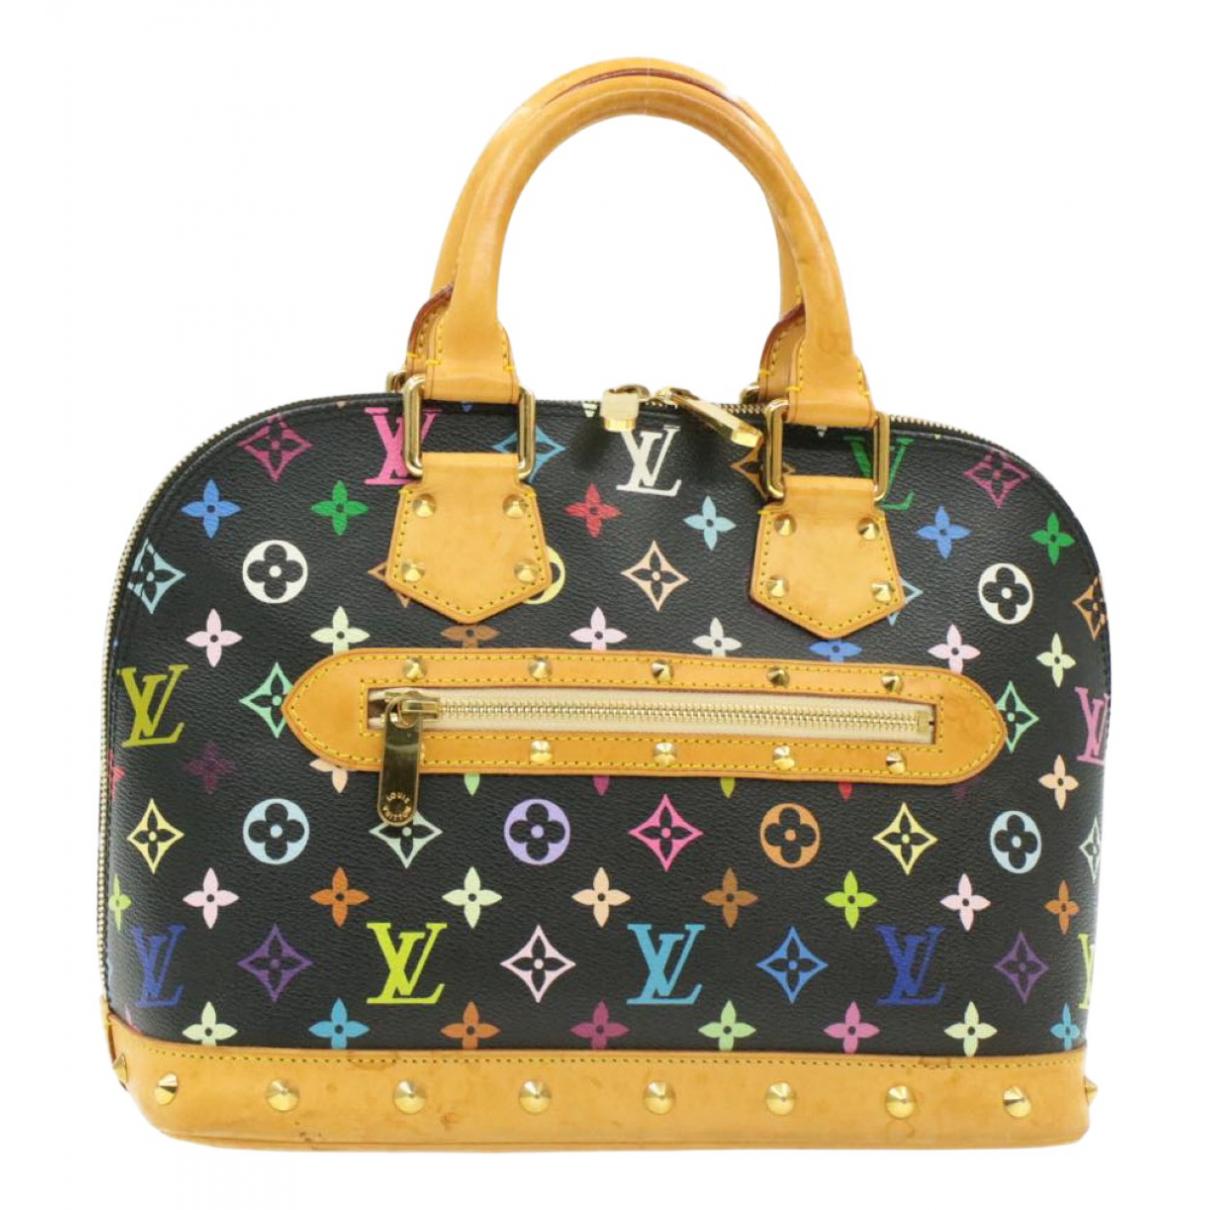 Louis Vuitton - Sac a main Alma pour femme en toile - noir